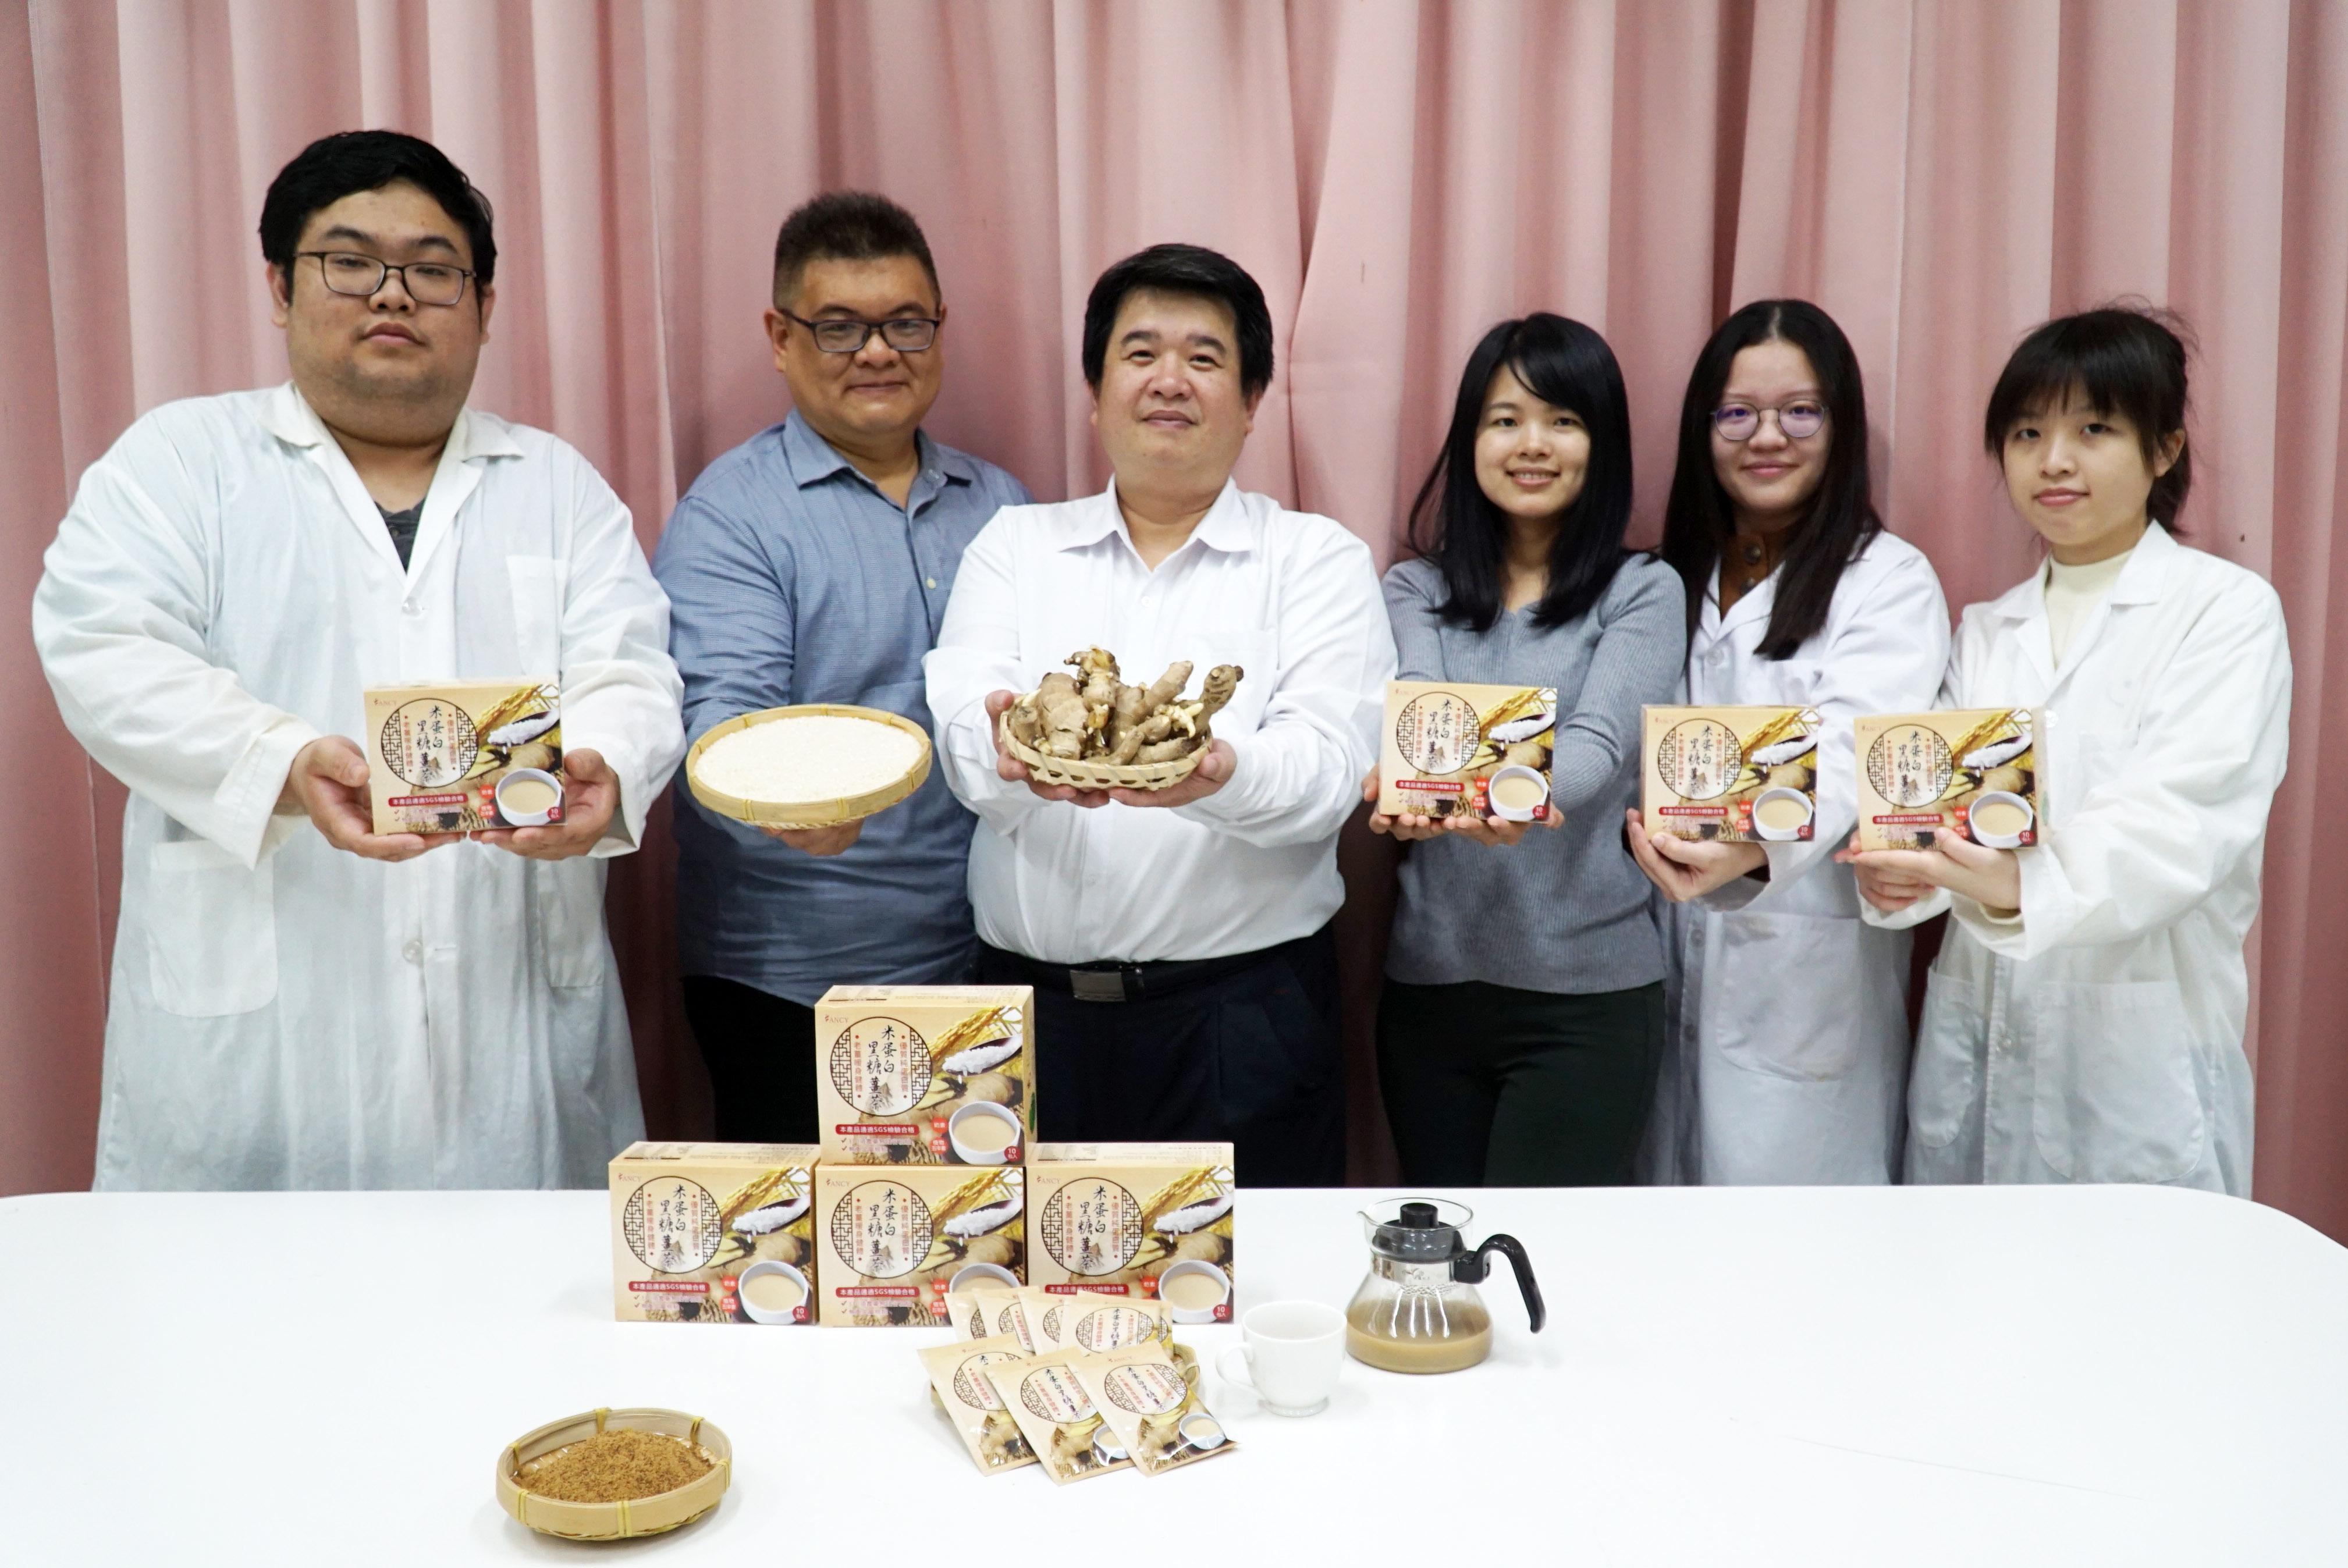 暖身同時補充營養 大葉大學藥保系攜手菲采國際 開發米蛋白黑糖薑茶-大葉大學藥用植物與保健學系